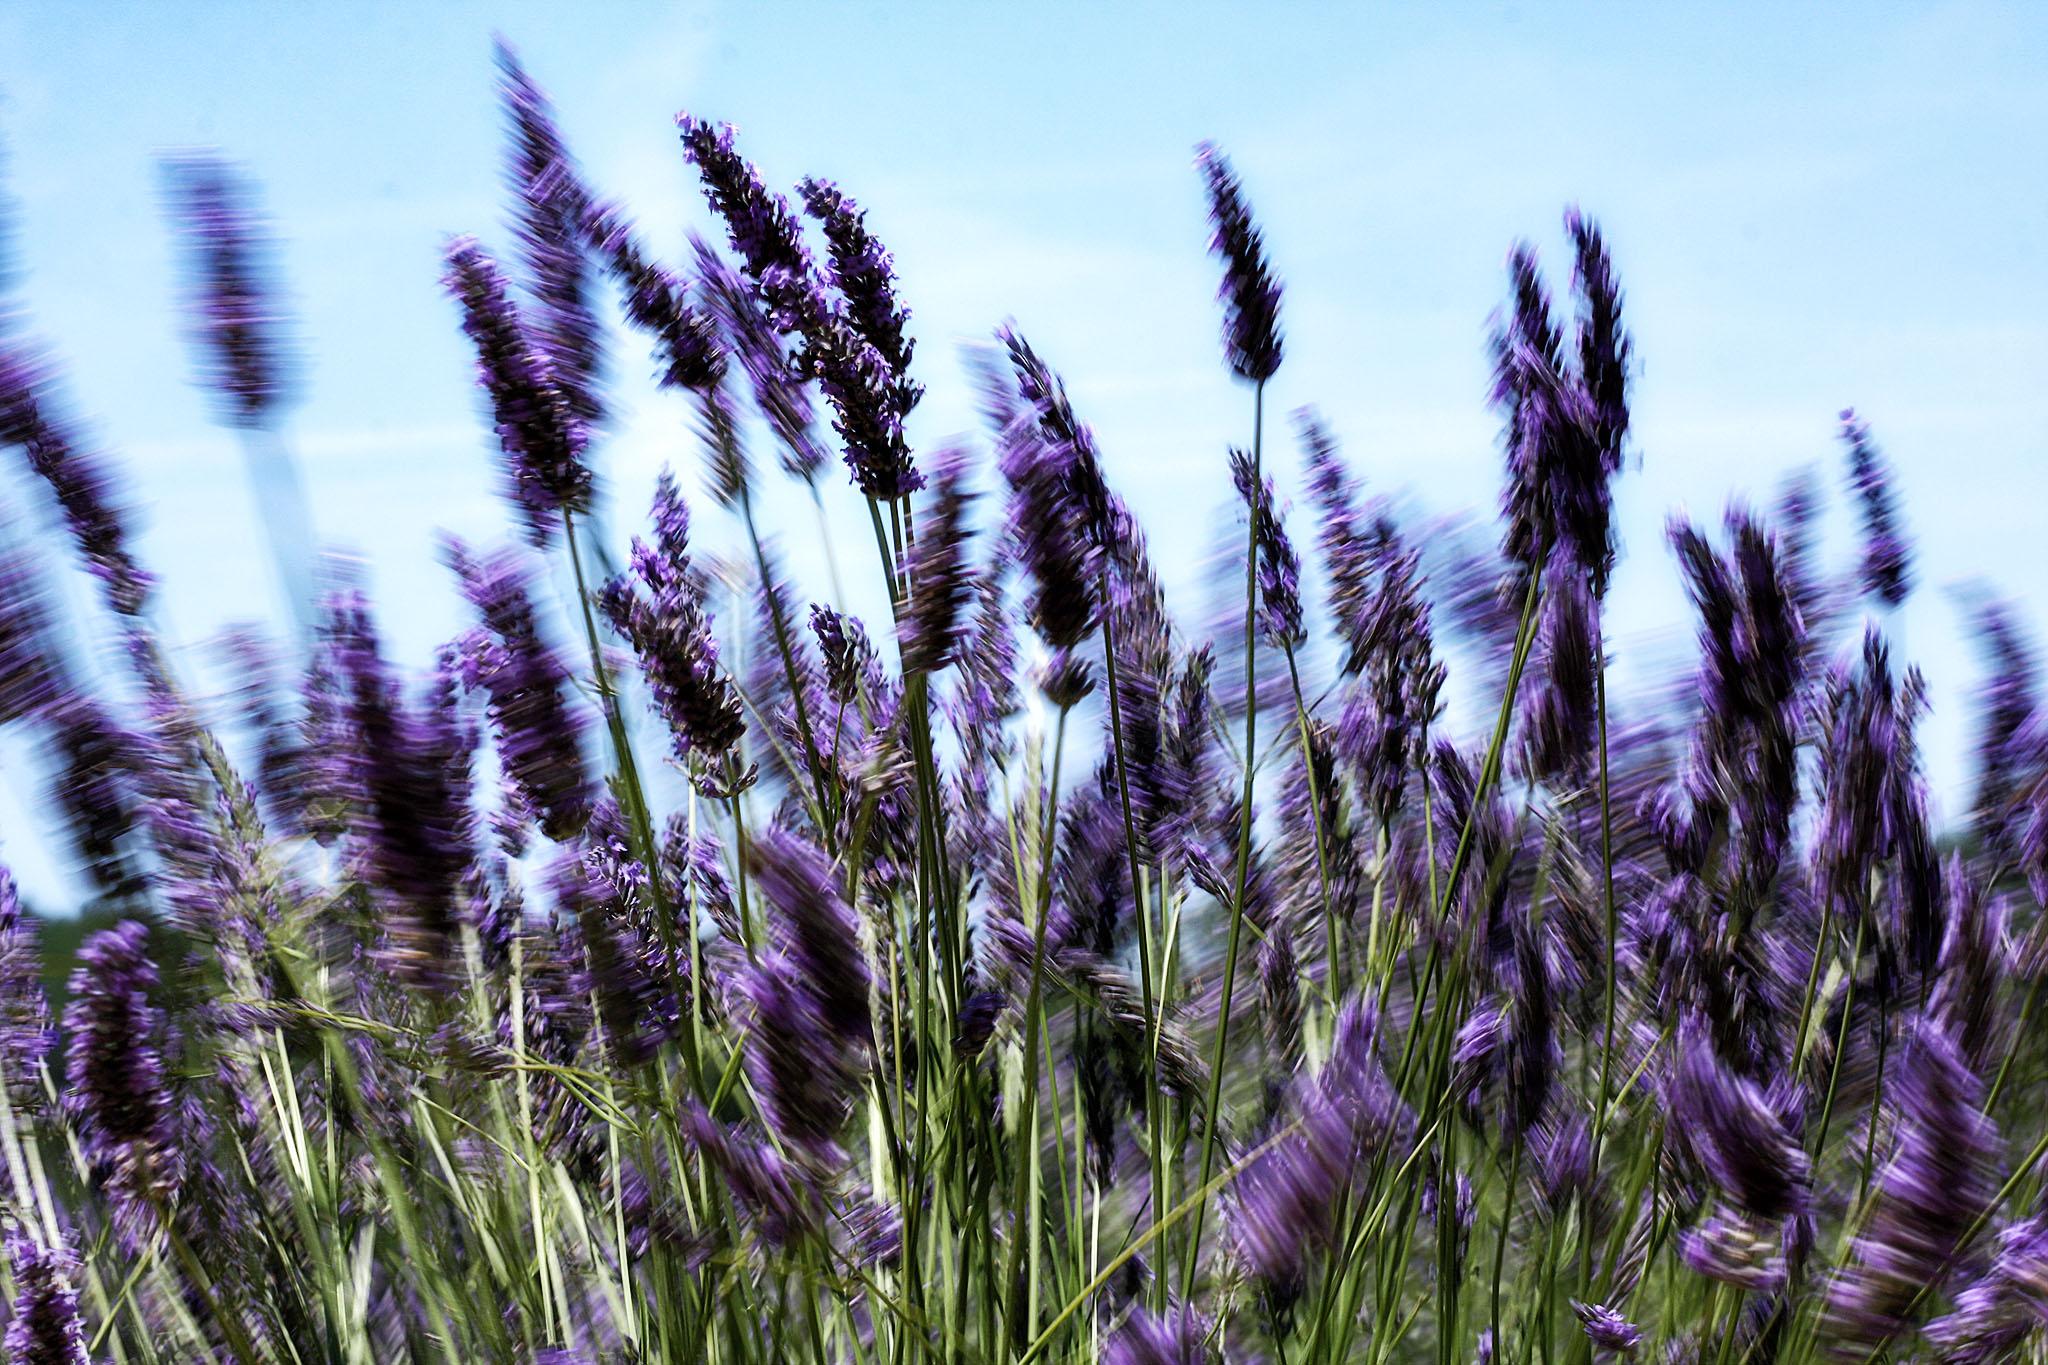 Lavender - Provence, France